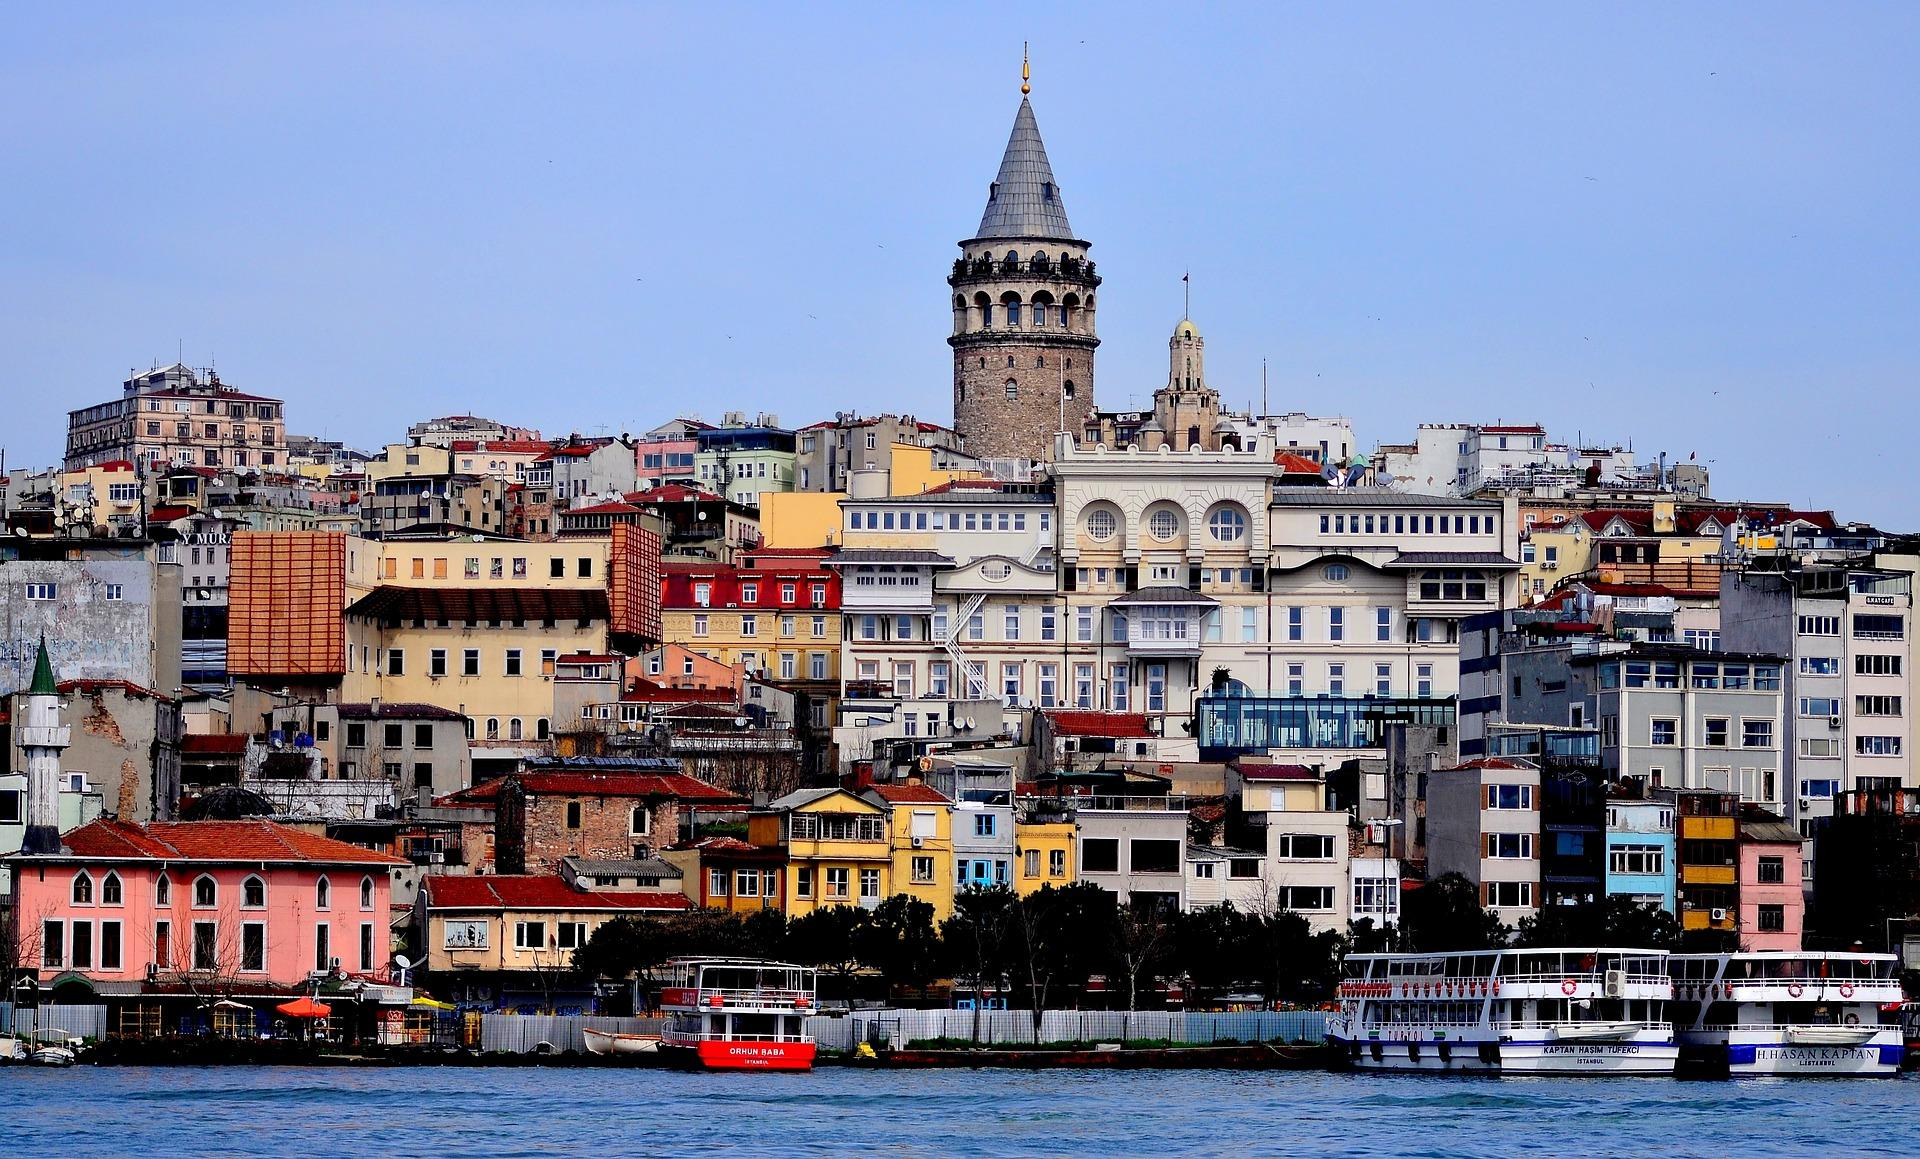 تركيا السياحية : أهم المدن و المعالم السياحية في الجمهورية التركية